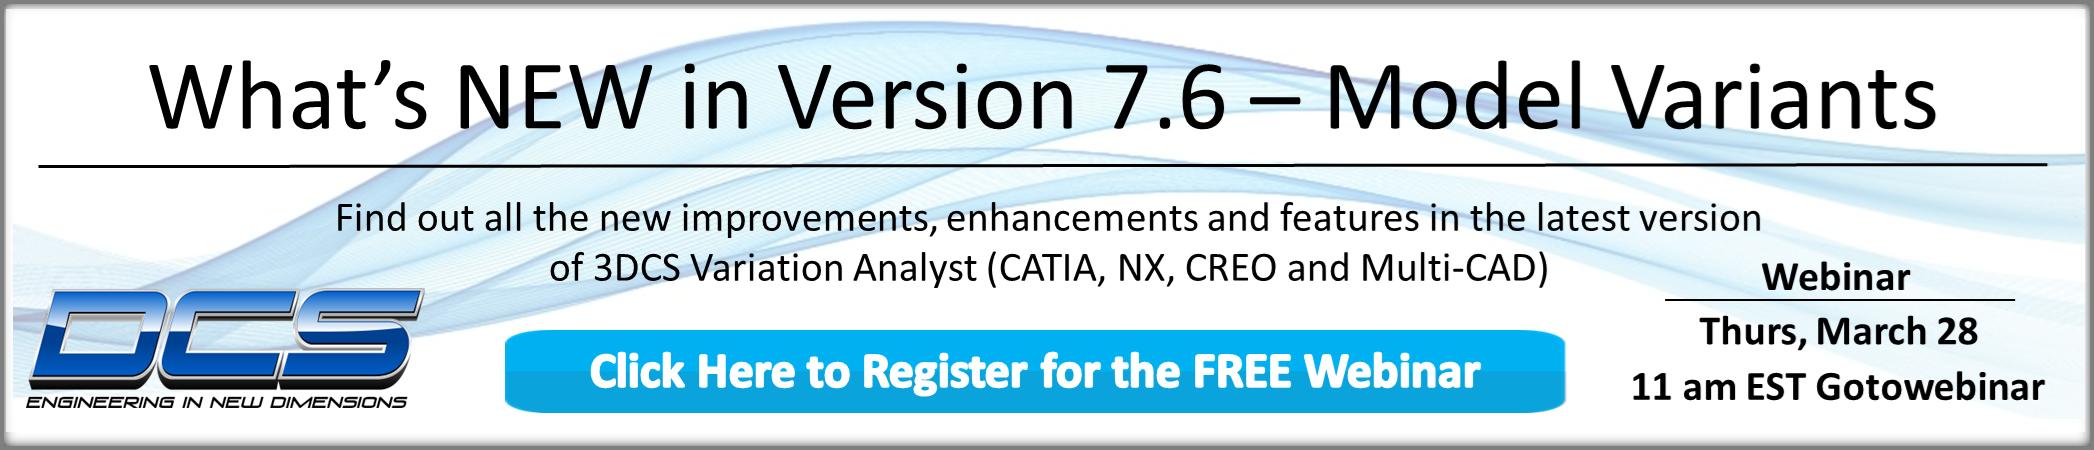 v7-6-model-variants-march-28-webinar-3dcs